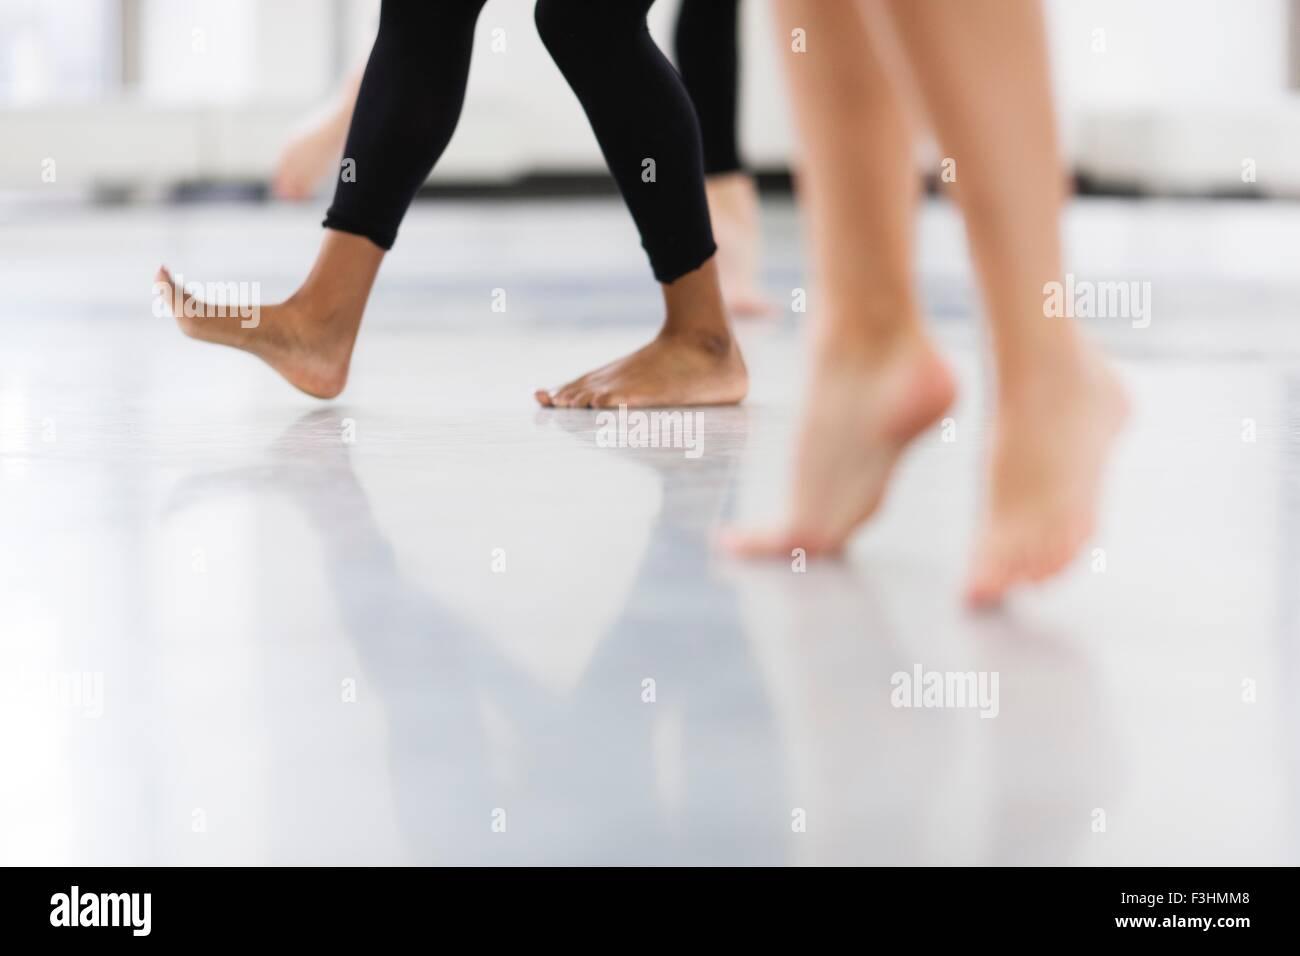 Beine und nackte Füße von jungen Frauen Tänzer tanzen Stockbild